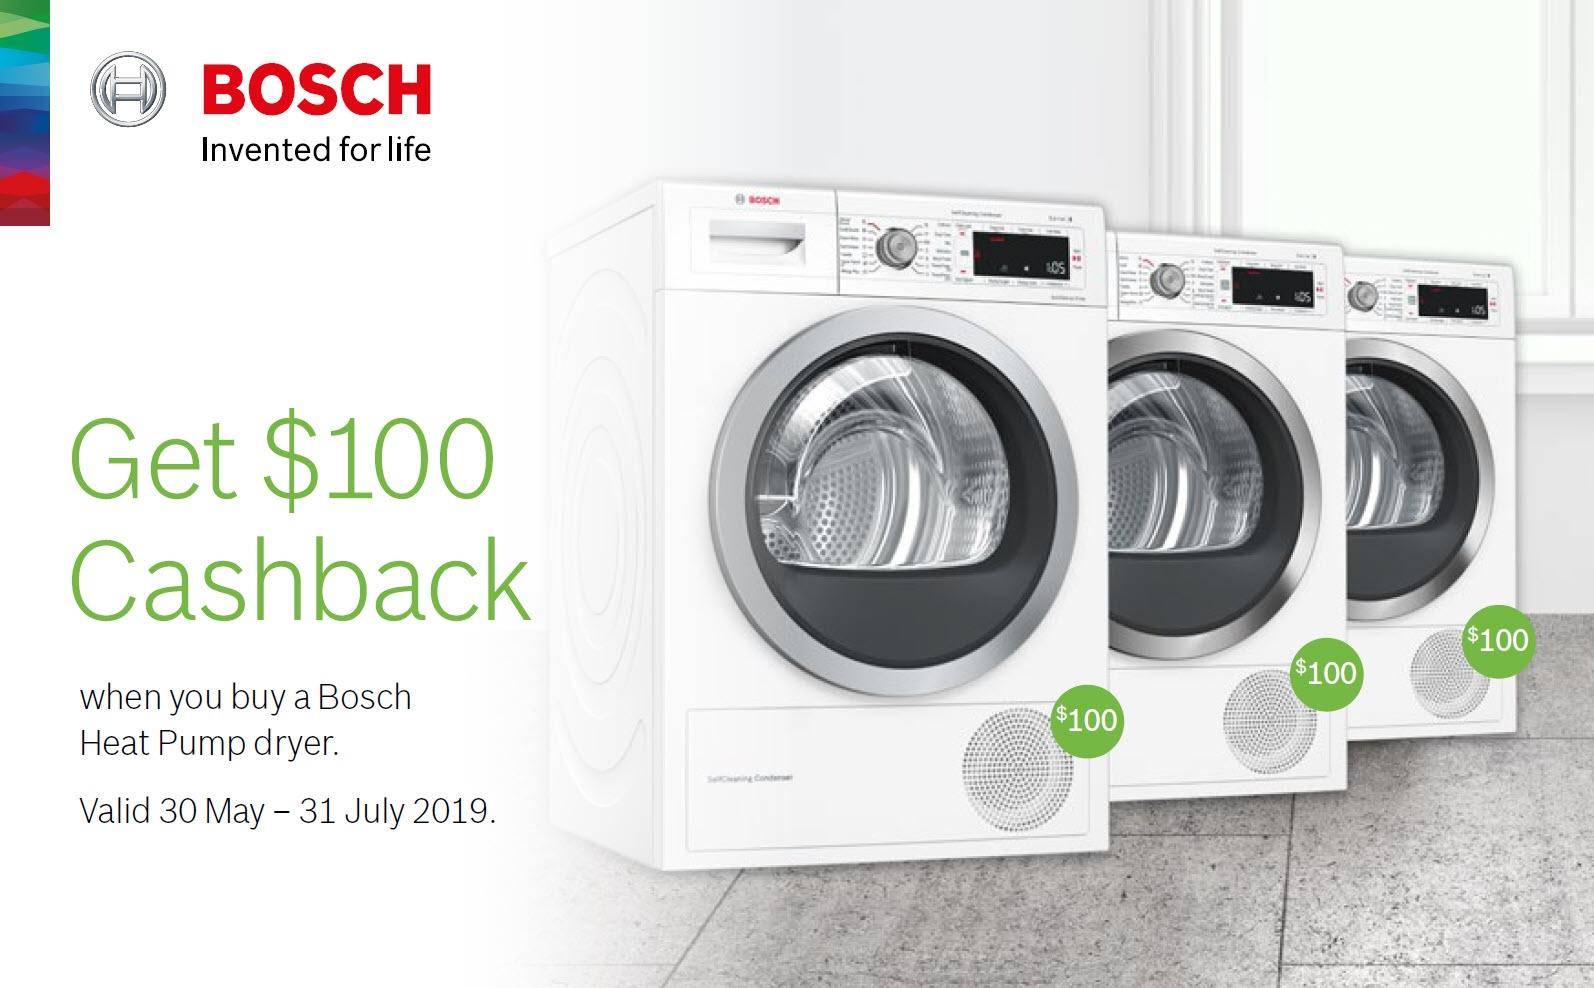 Bosch $ 100 Cashback Promotion